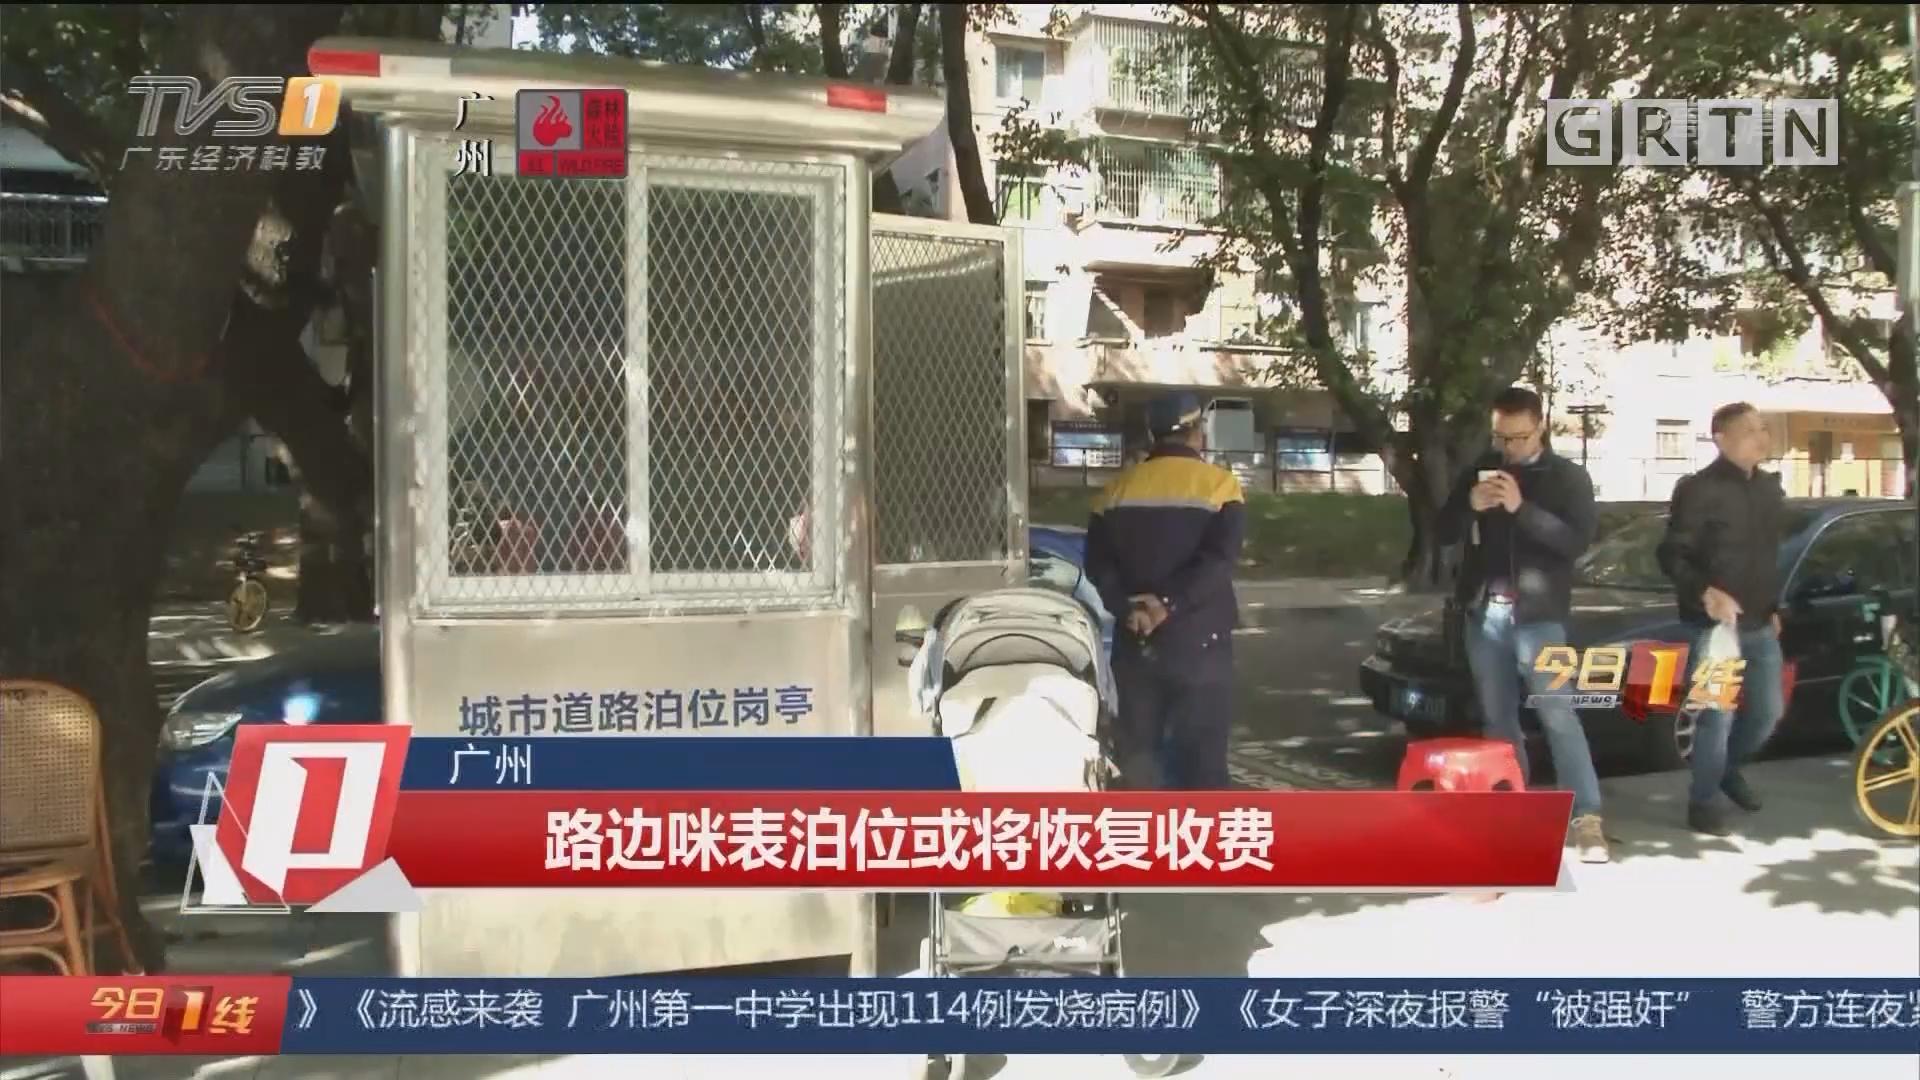 广州 路边咪表泊位或将恢复收费